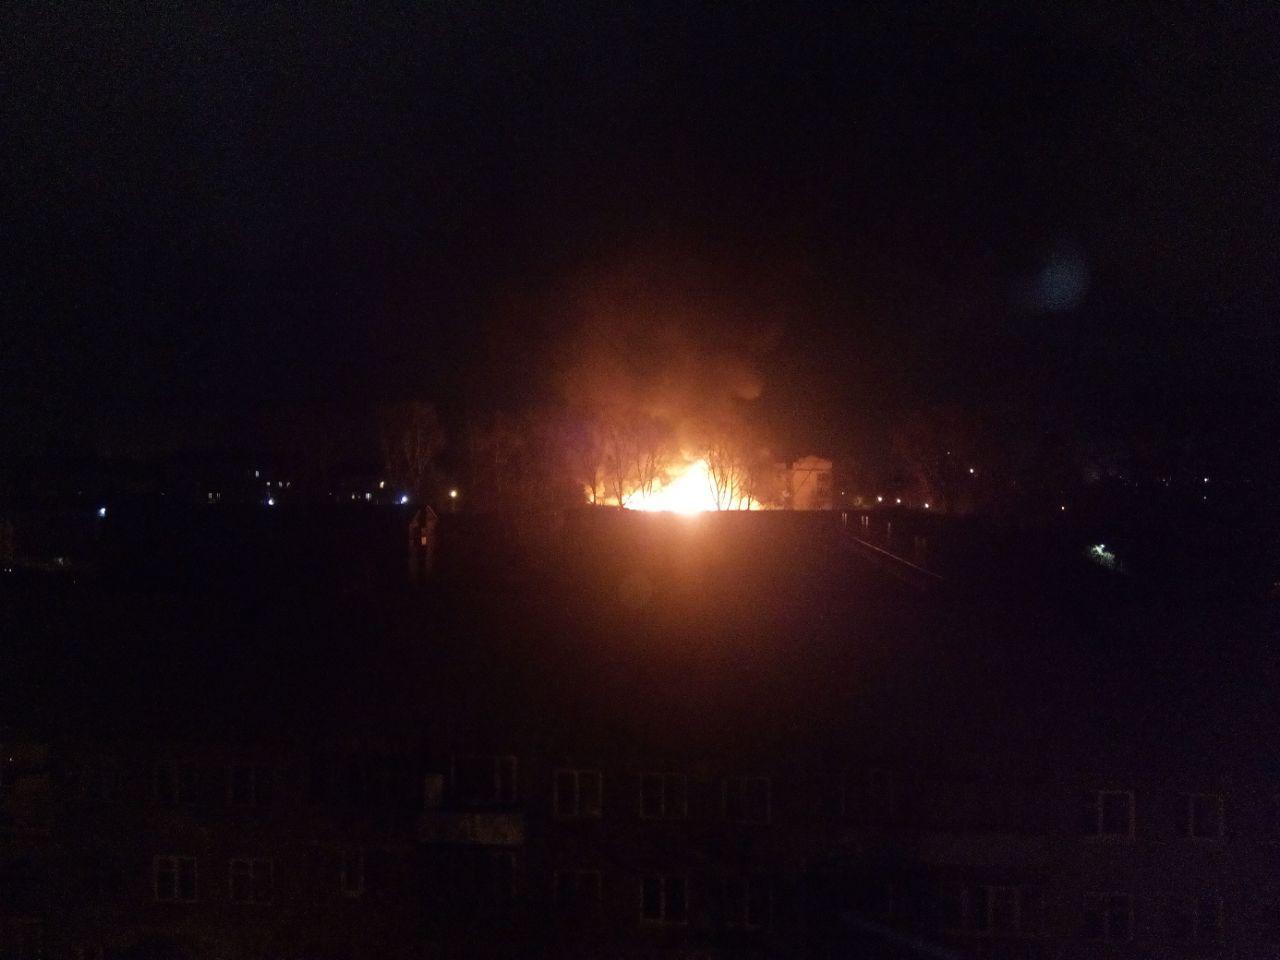 Практически 40 спасателей устранили пожар наскладе вКемерово